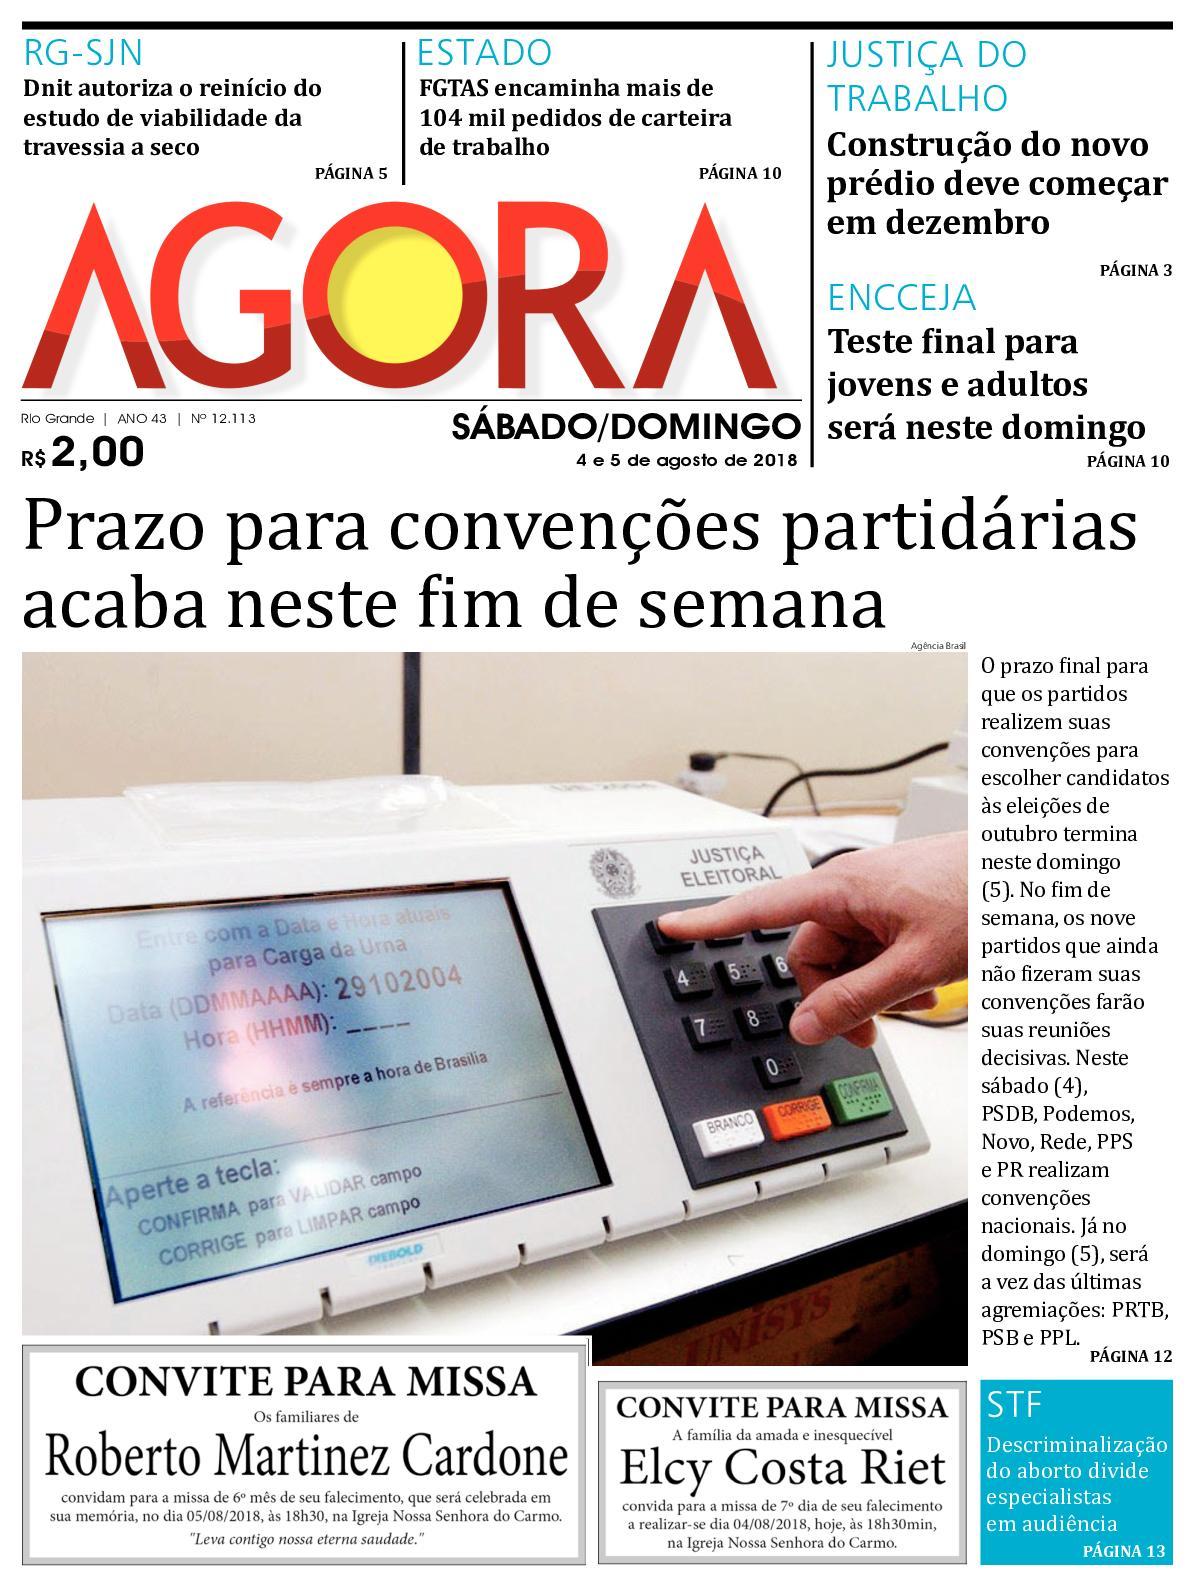 Calaméo - Jornal Agora - Edição 12113 - 4 e 5 de Agosto de 2018 dfcccaaa06538